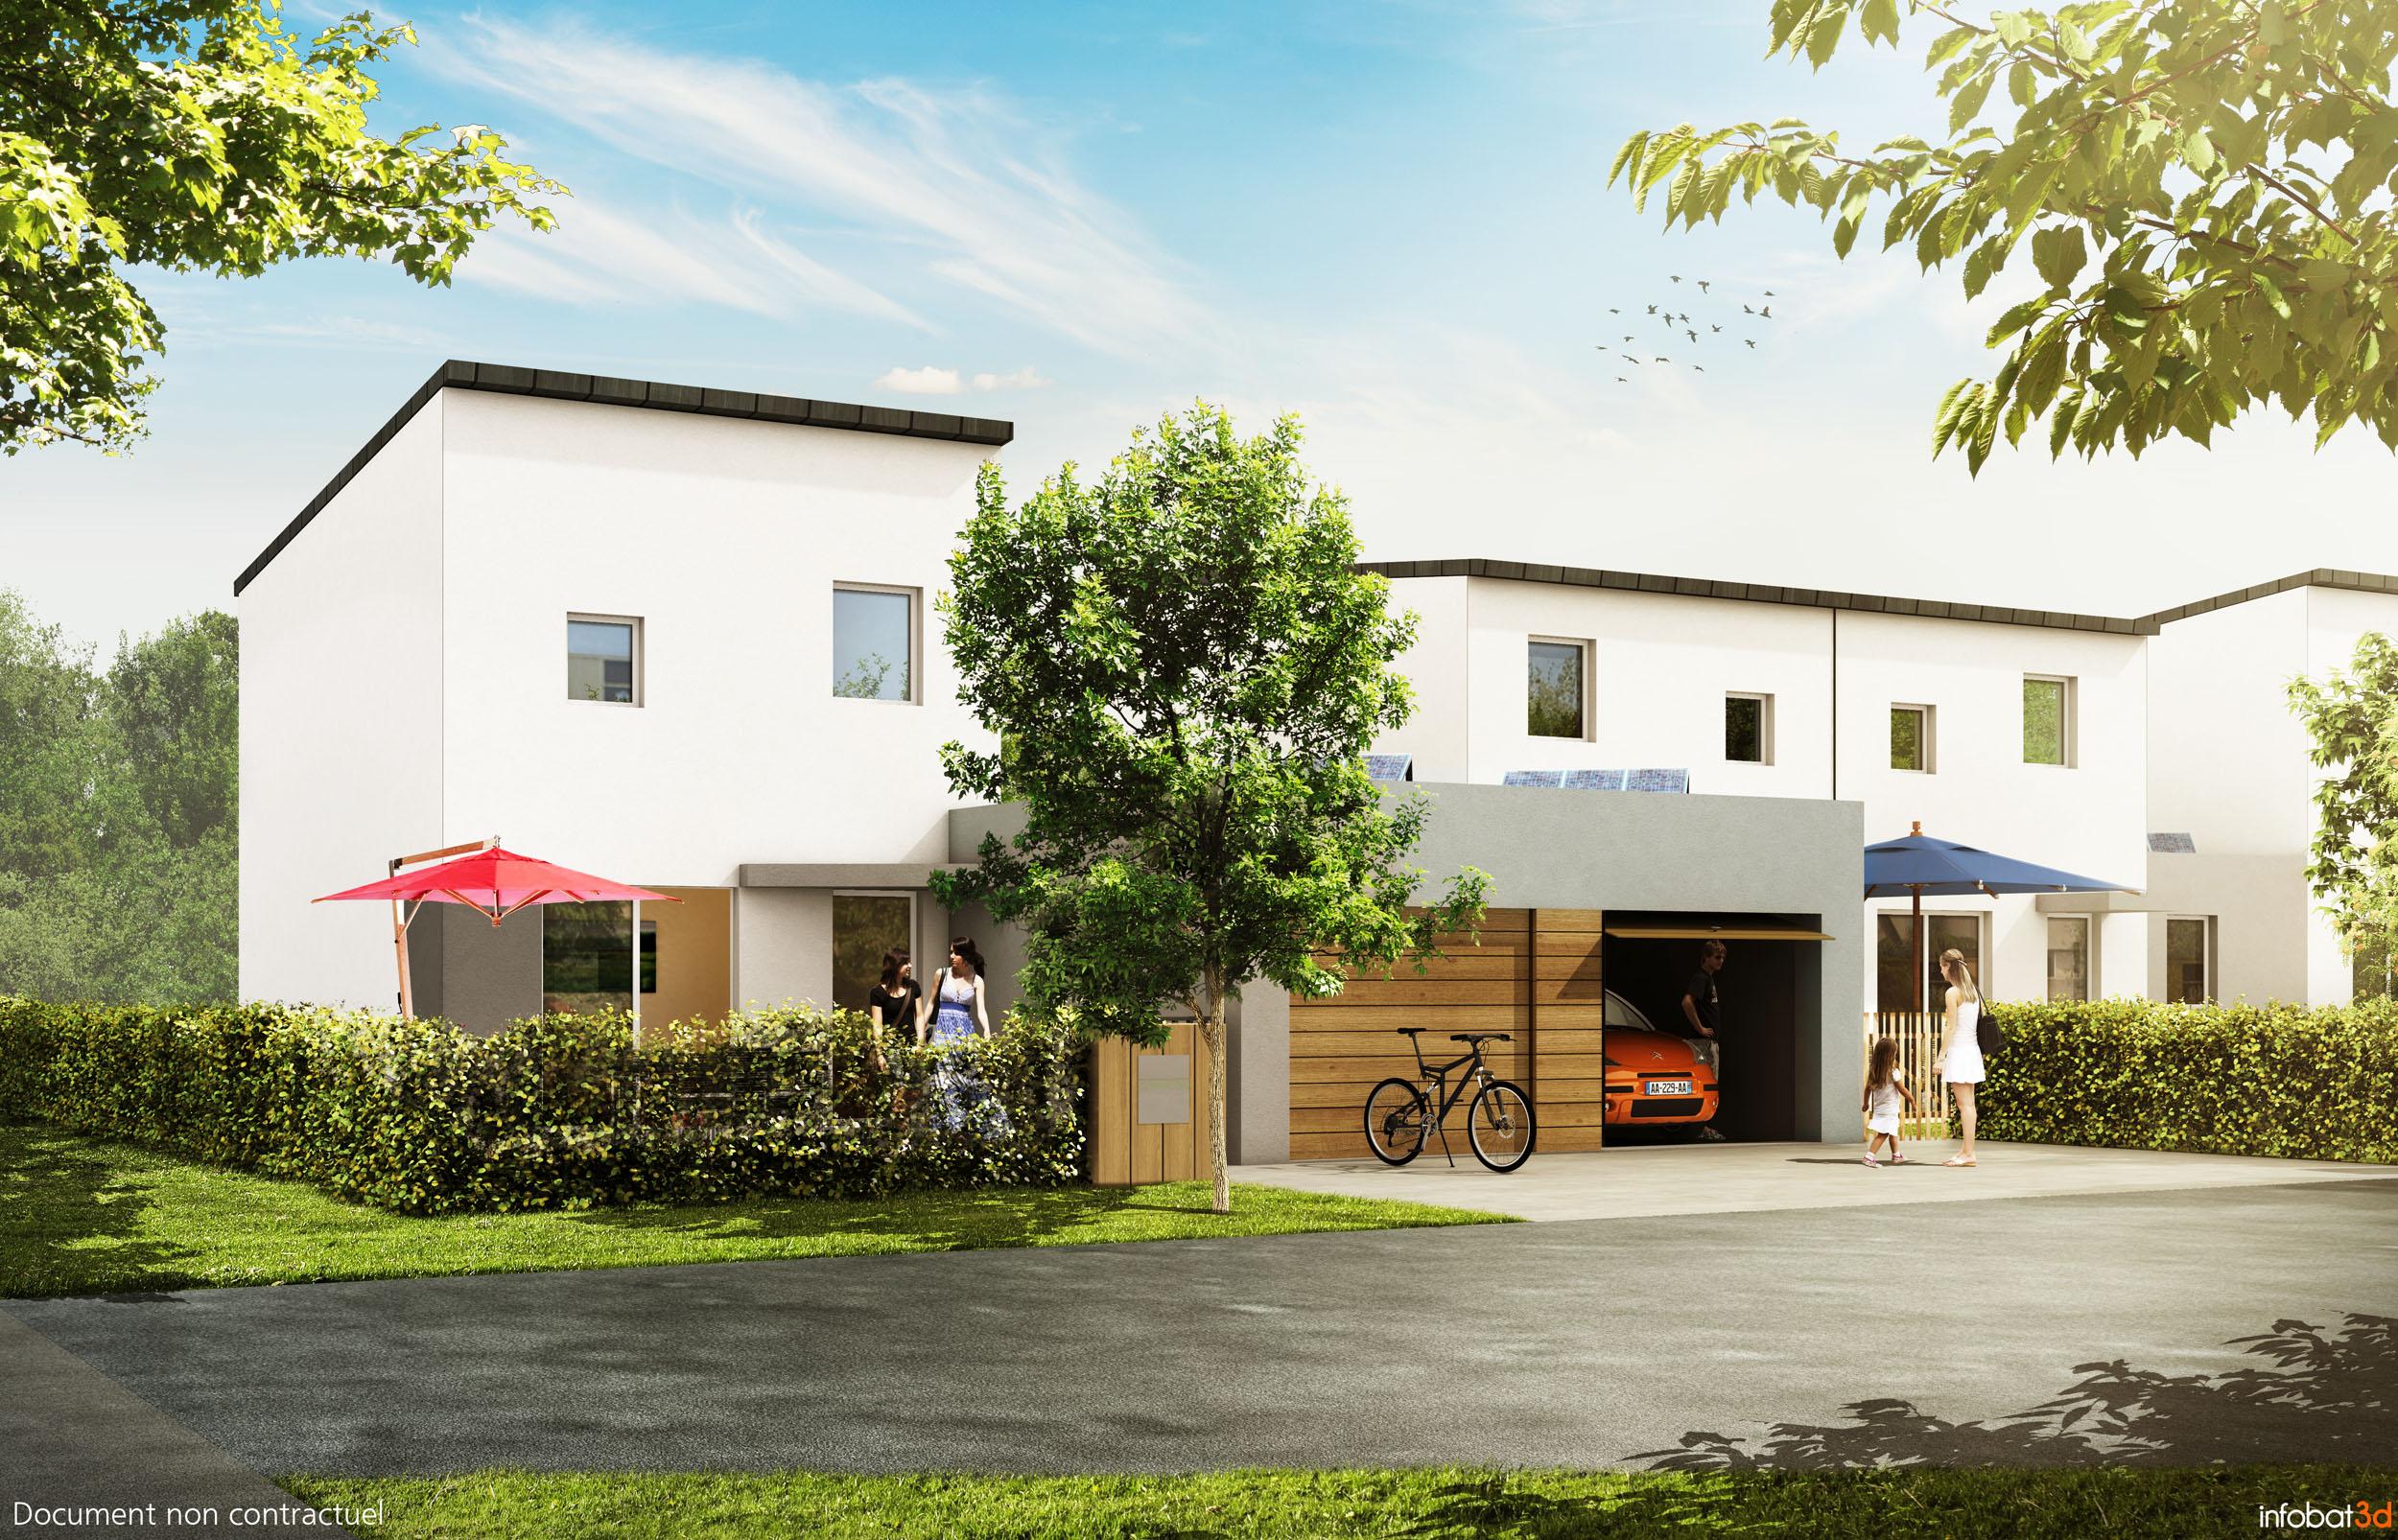 Maison villa vendre saille 44350 annonces et for Achat maison neuve guerande